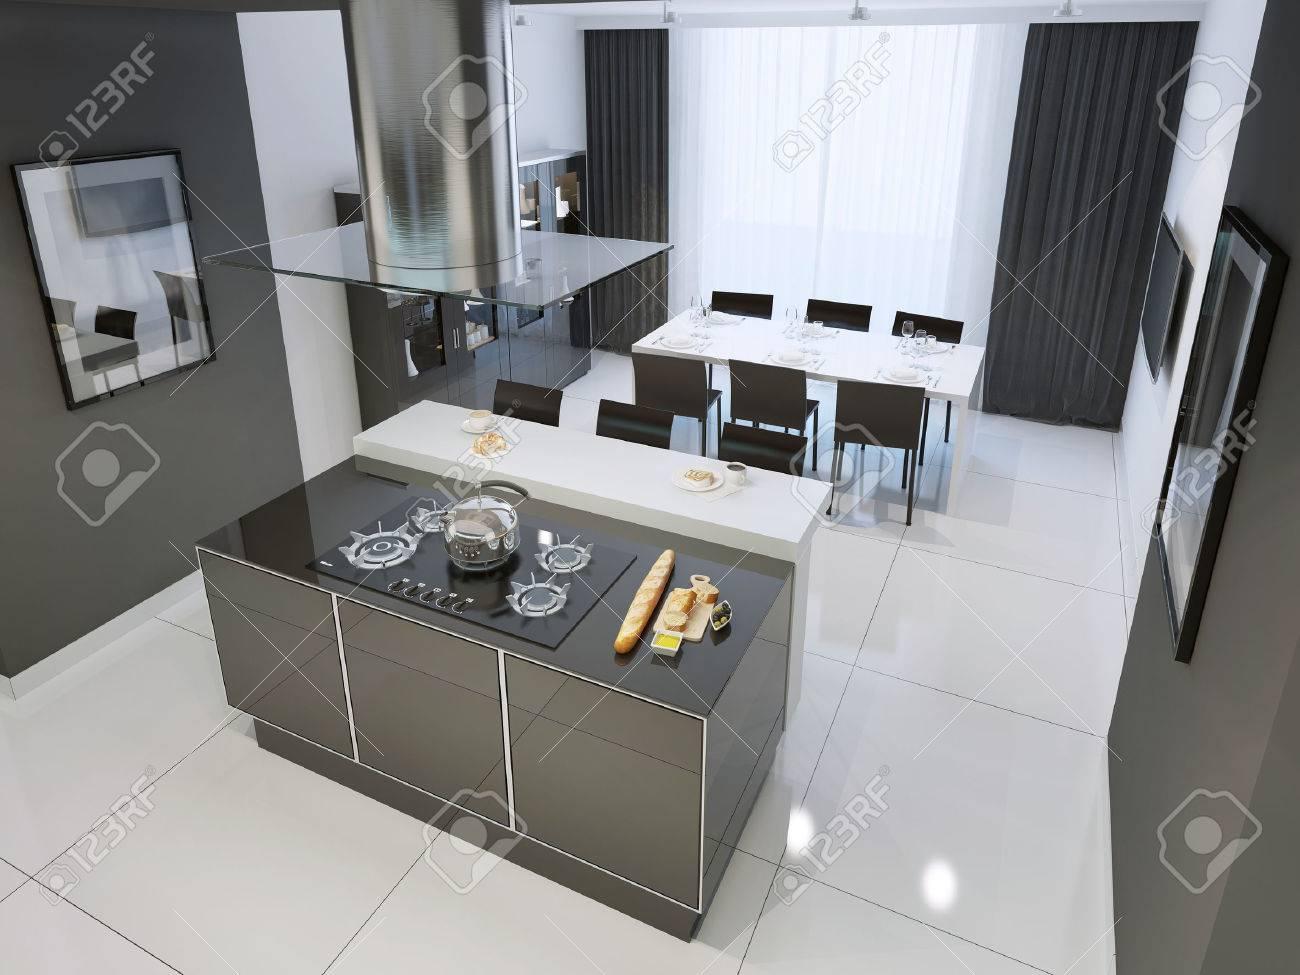 techno interieur de cuisine noir et blanc avec un sol blanc 3d render